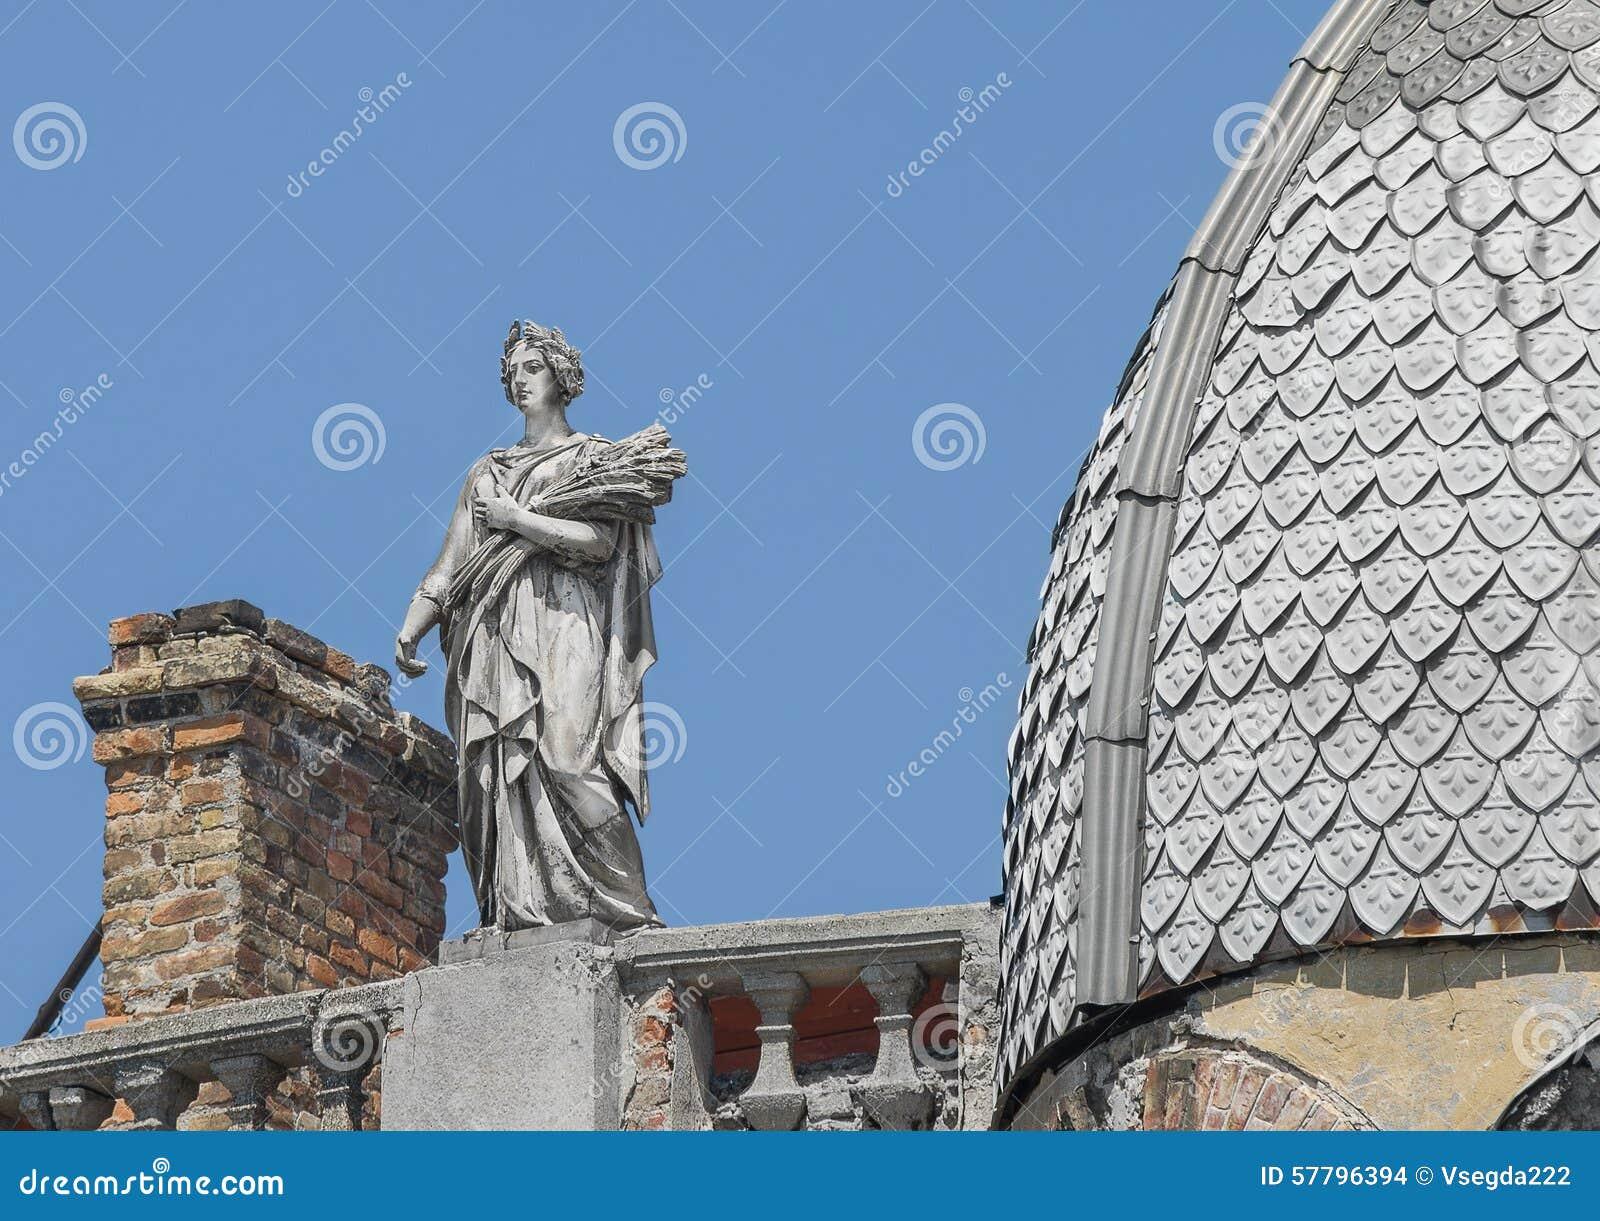 Standbeeld van een vrouw, de godin met een kroon en oren van tarwe